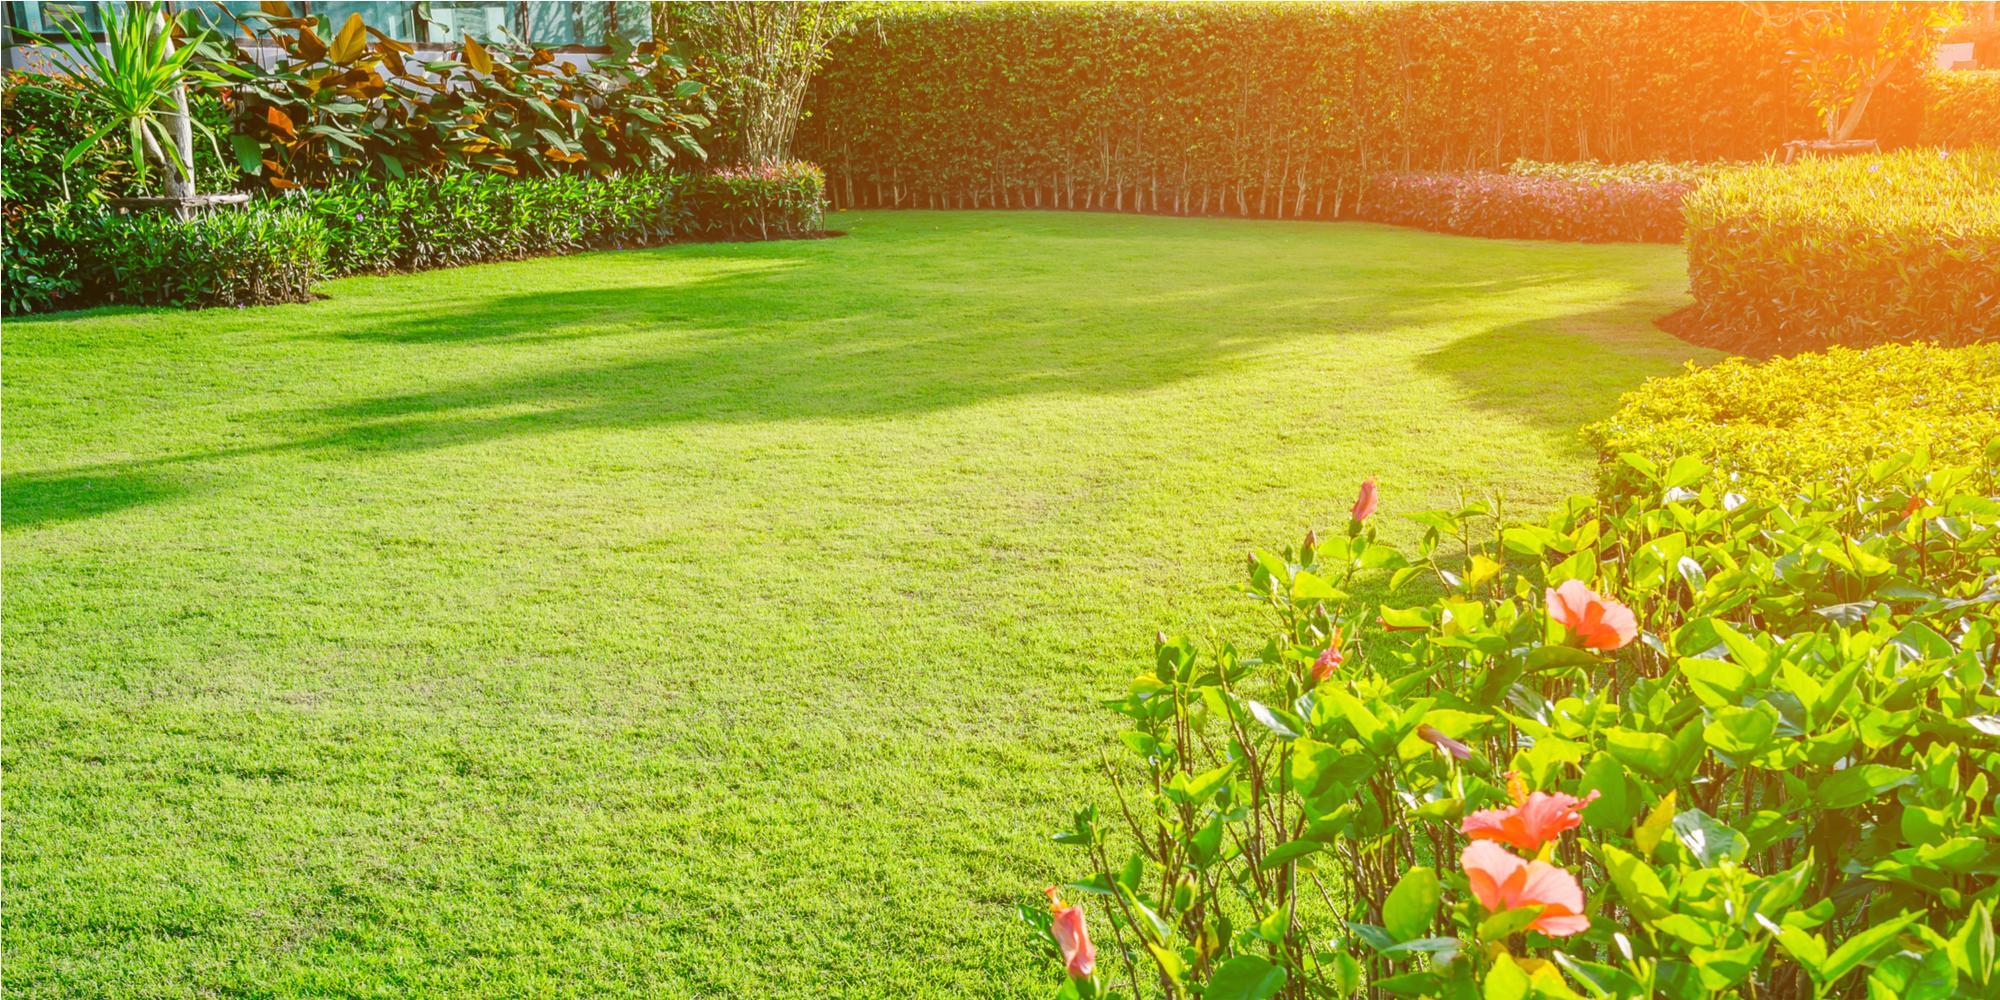 Экологи считают, что от современных газонов больше вреда, чем пользы